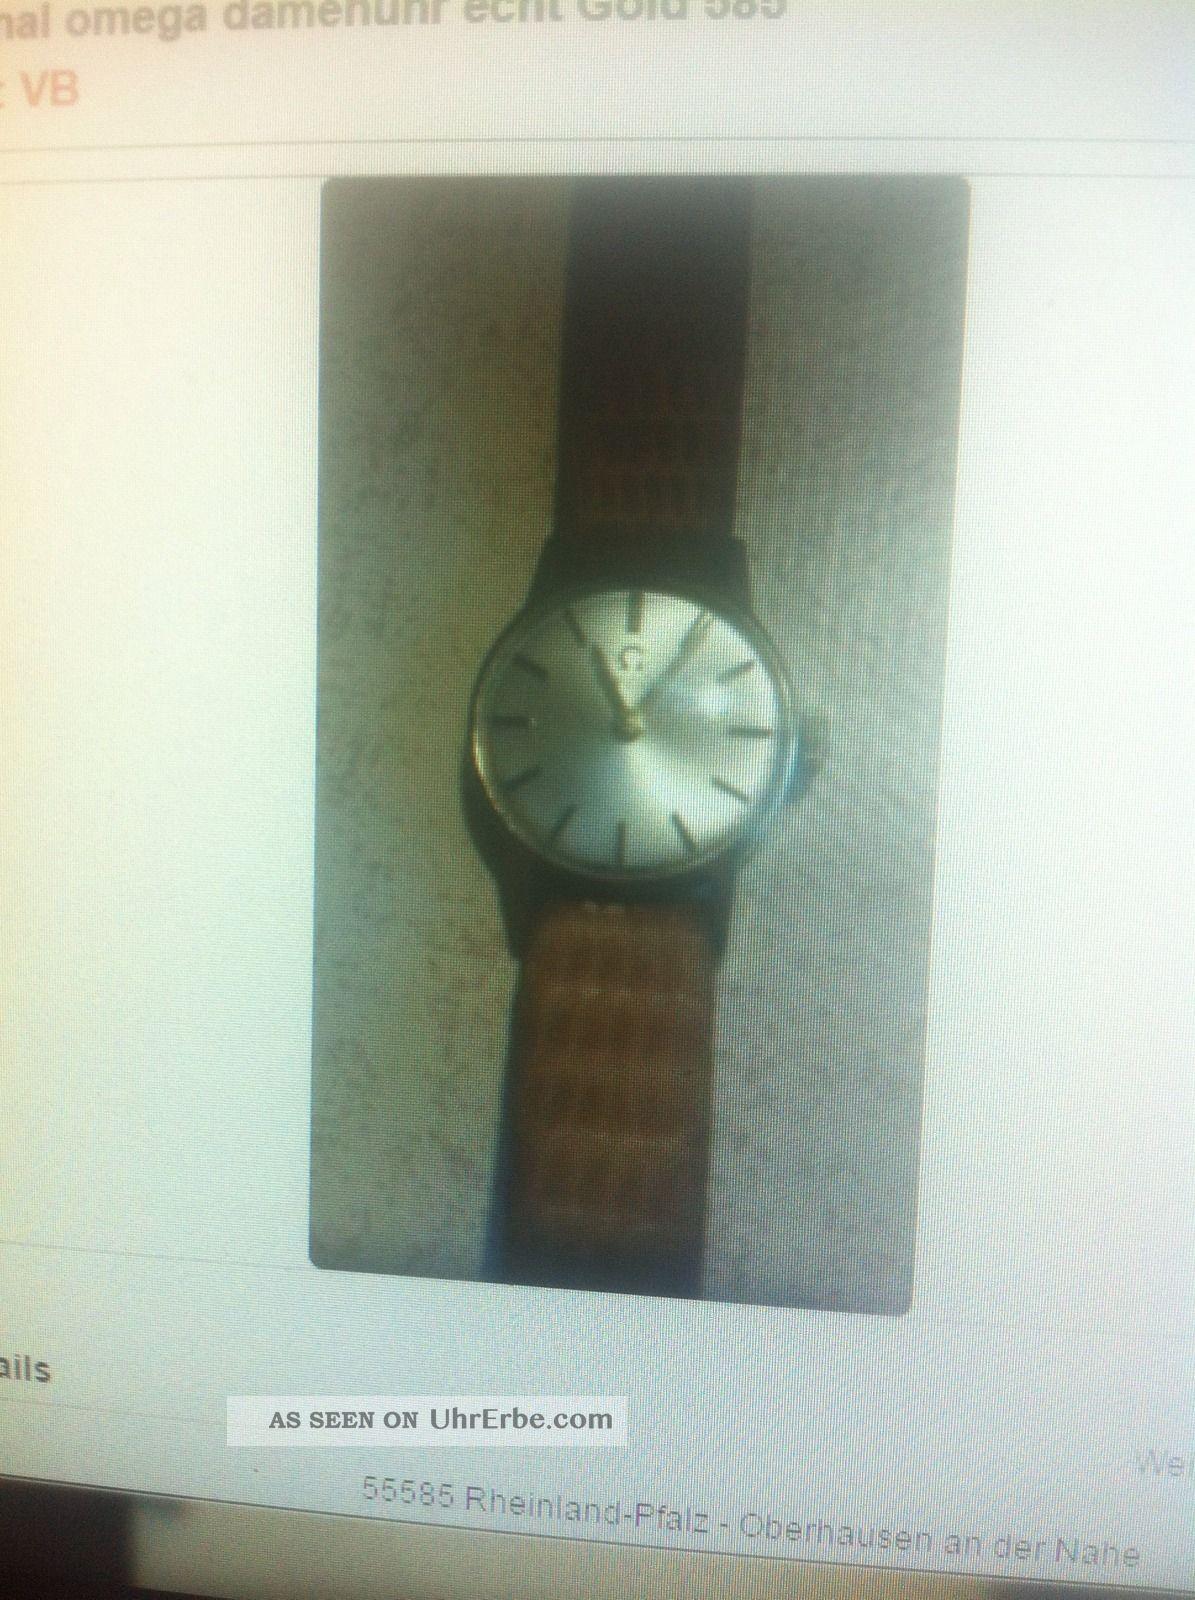 Originale Omega Damenuhr 585 Gold Armbanduhren Bild